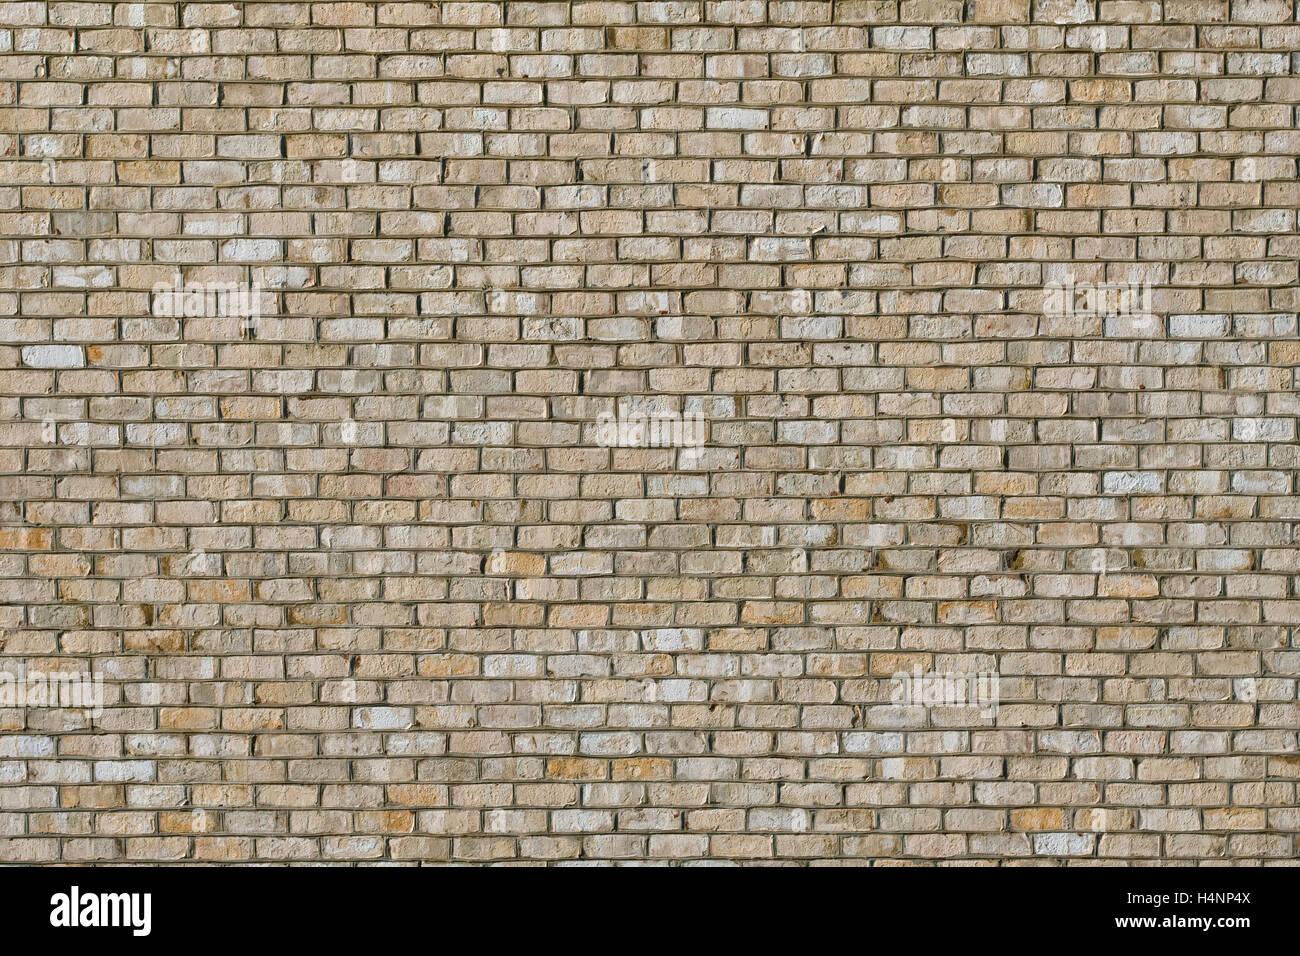 Luce colorata e parete di mattoni. Mattoni di colore bianco Immagini Stock